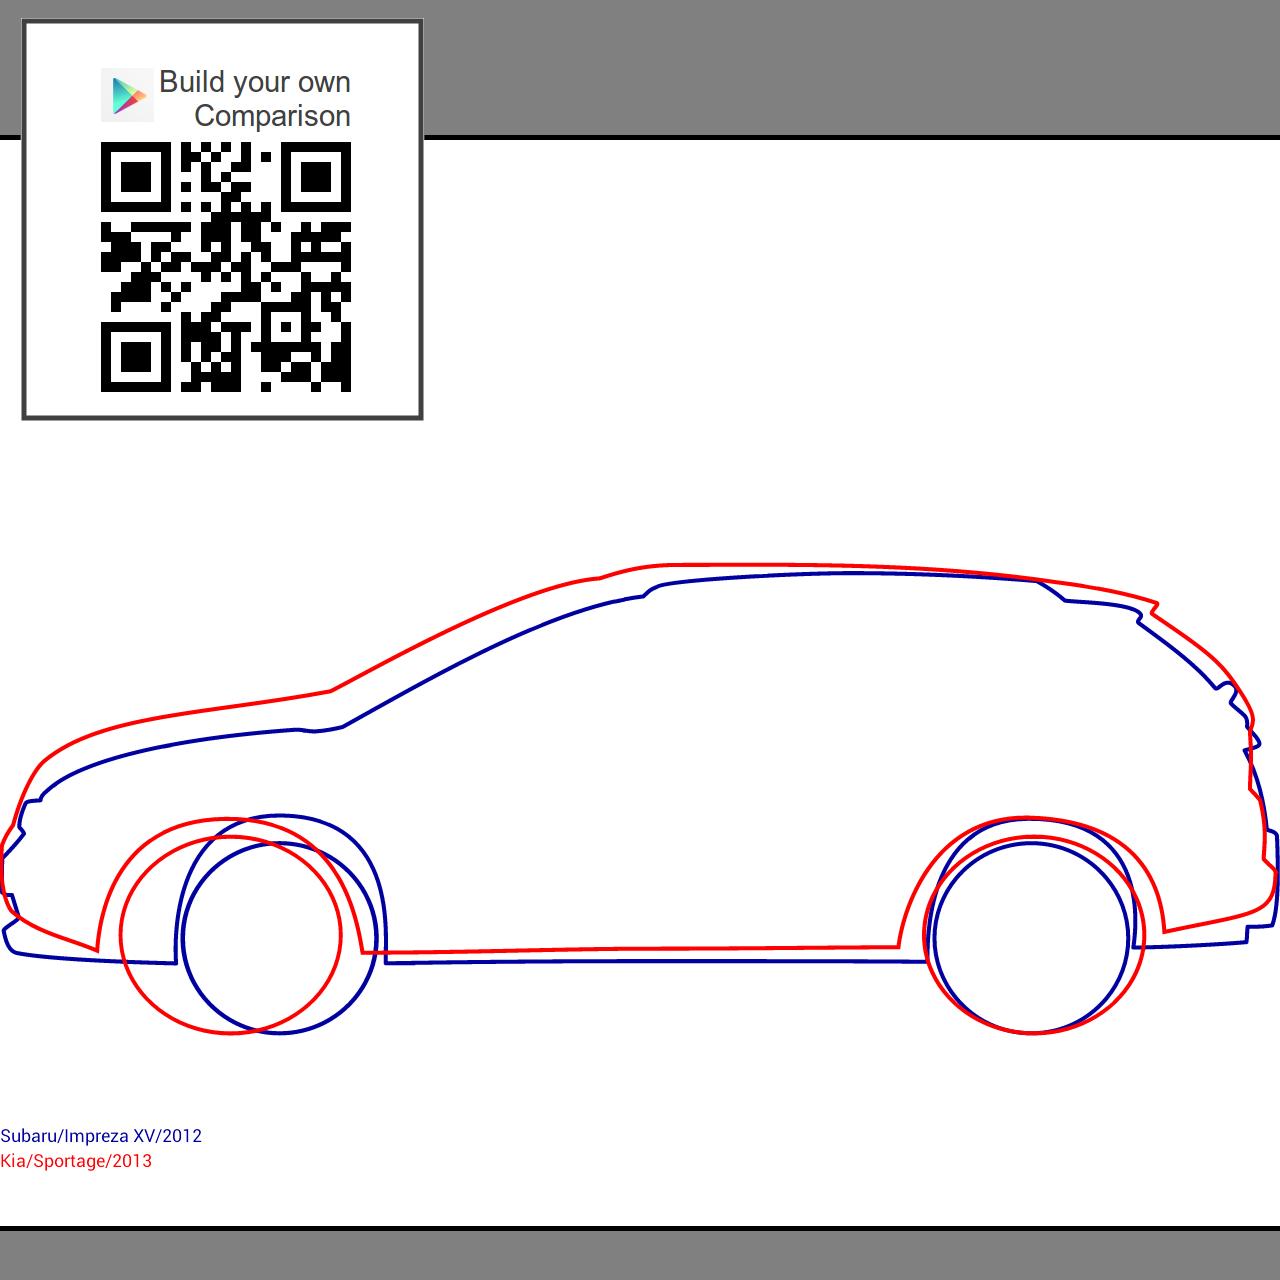 Subaru Impreza XV 2012 vs Kia Sportage 2013 - Compare dimensions